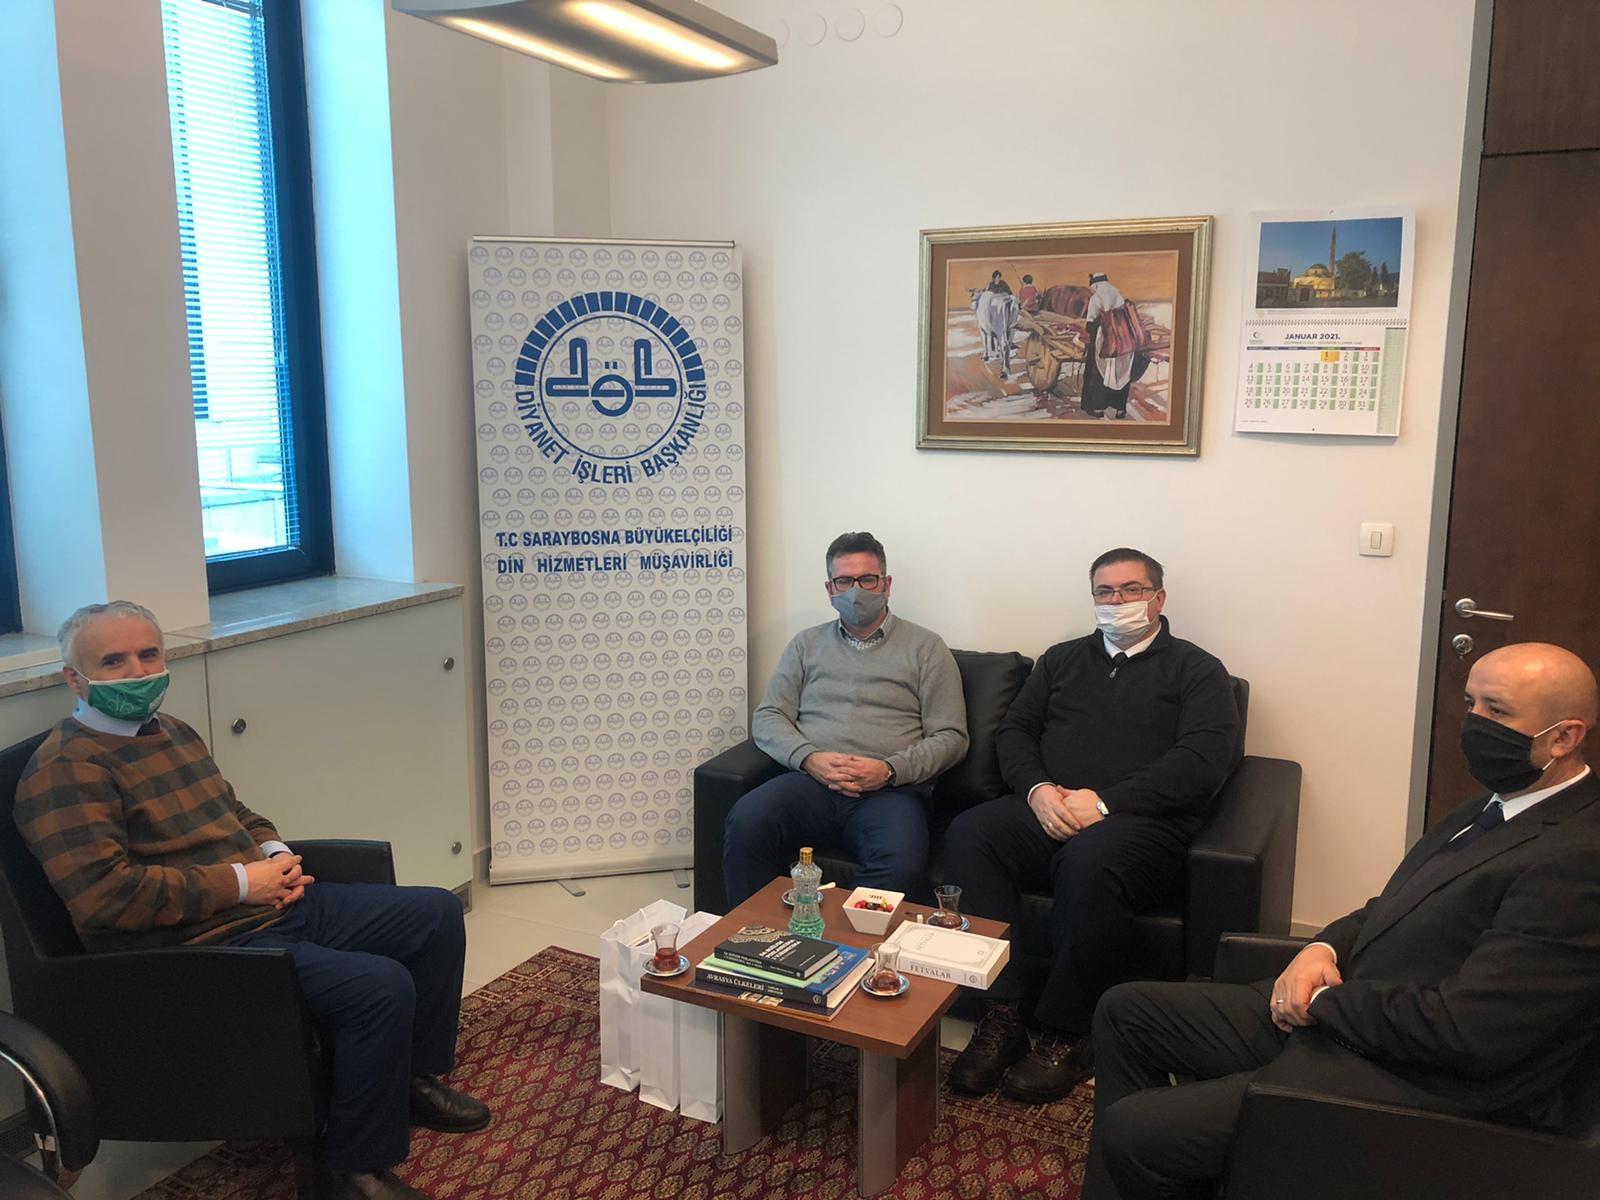 DELEGACIJA UDRUŽENJA ILMIJJE POSJETILA SAVJETNIKA ZA VJERSKA PITANJA U AMBASADI REPUBLIKE TURSKE